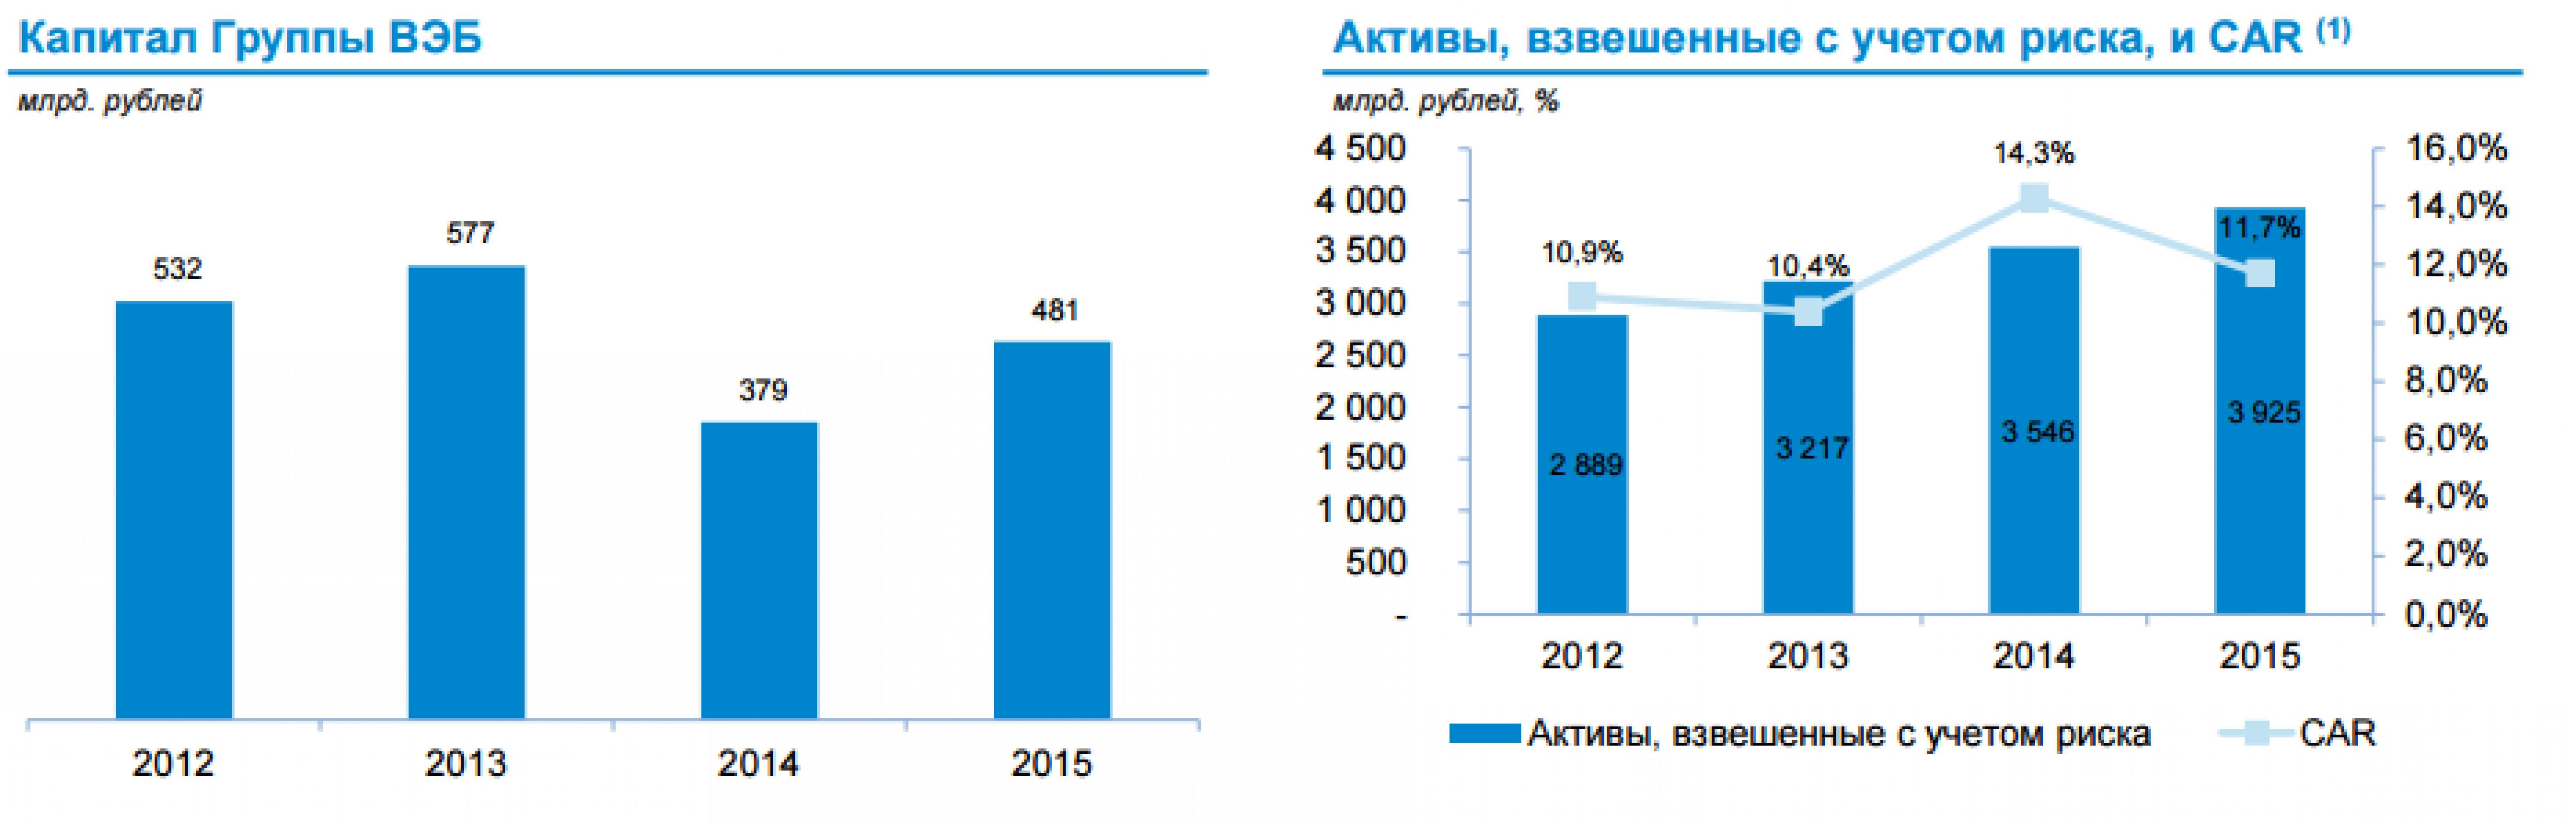 Триада ВЭБа: экспорт, промышленность, инфраструктура